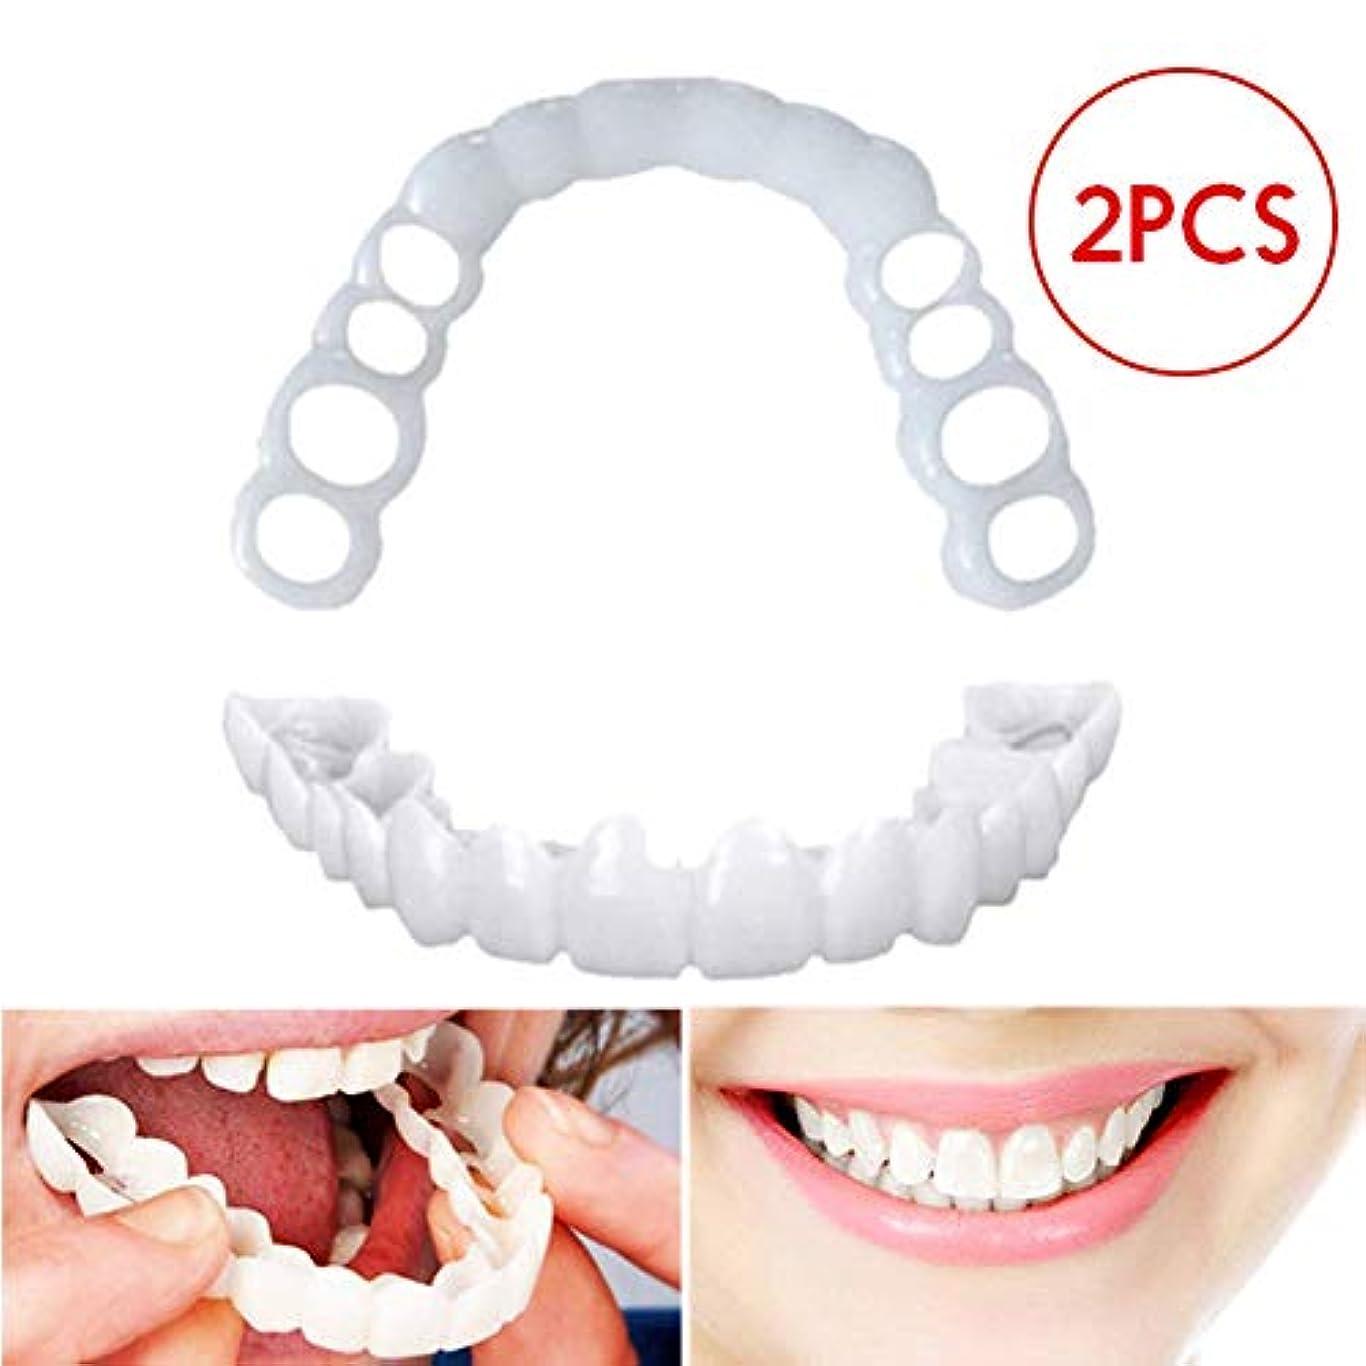 リネンアルコーブ捨てる2組の一時的な化粧品の歯の義歯の歯の化粧品は装具を模倣しました、即刻の快適な完全なベニヤの歯のスナップキャップを白くします,2pcsupperteeth